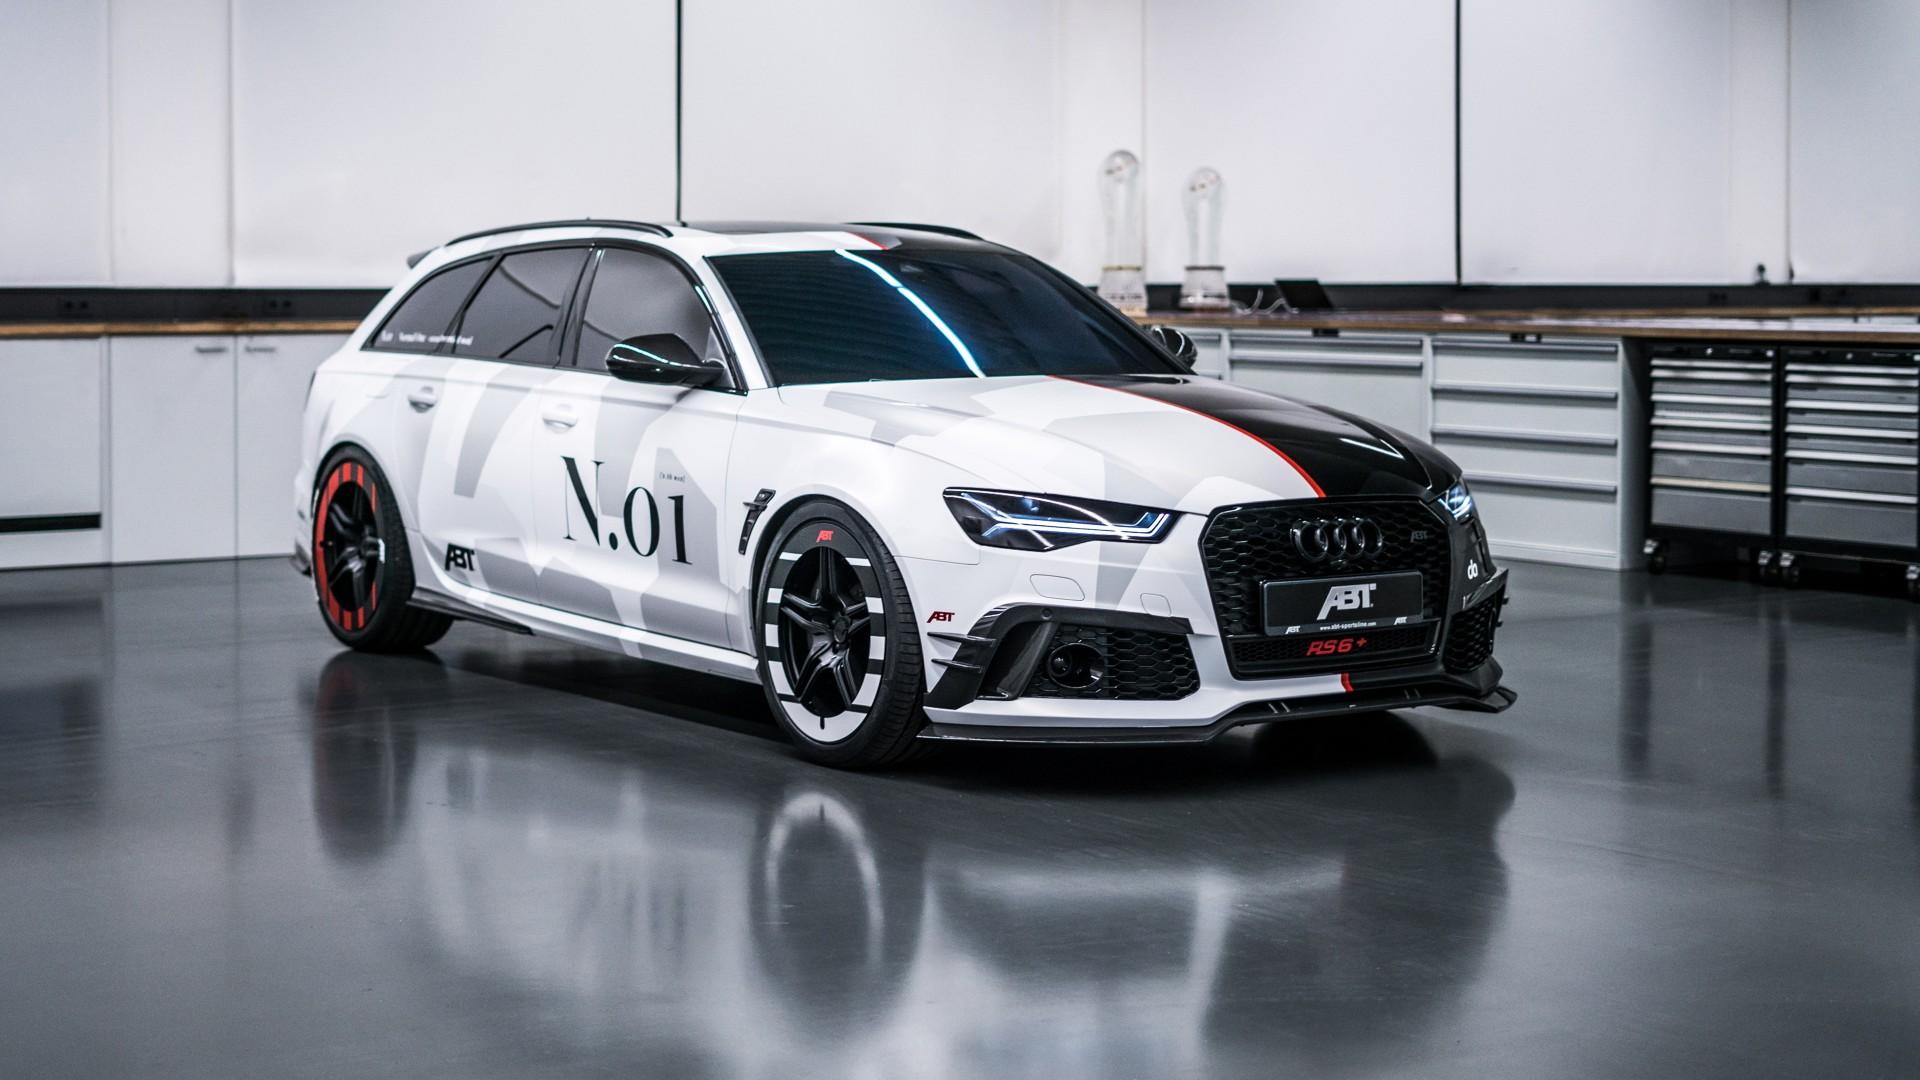 4k Car Wallpaper Koenigsegg Rs 2018 Abt Audi Rs6 Avant For Jon Olsson 4k Wallpaper Hd